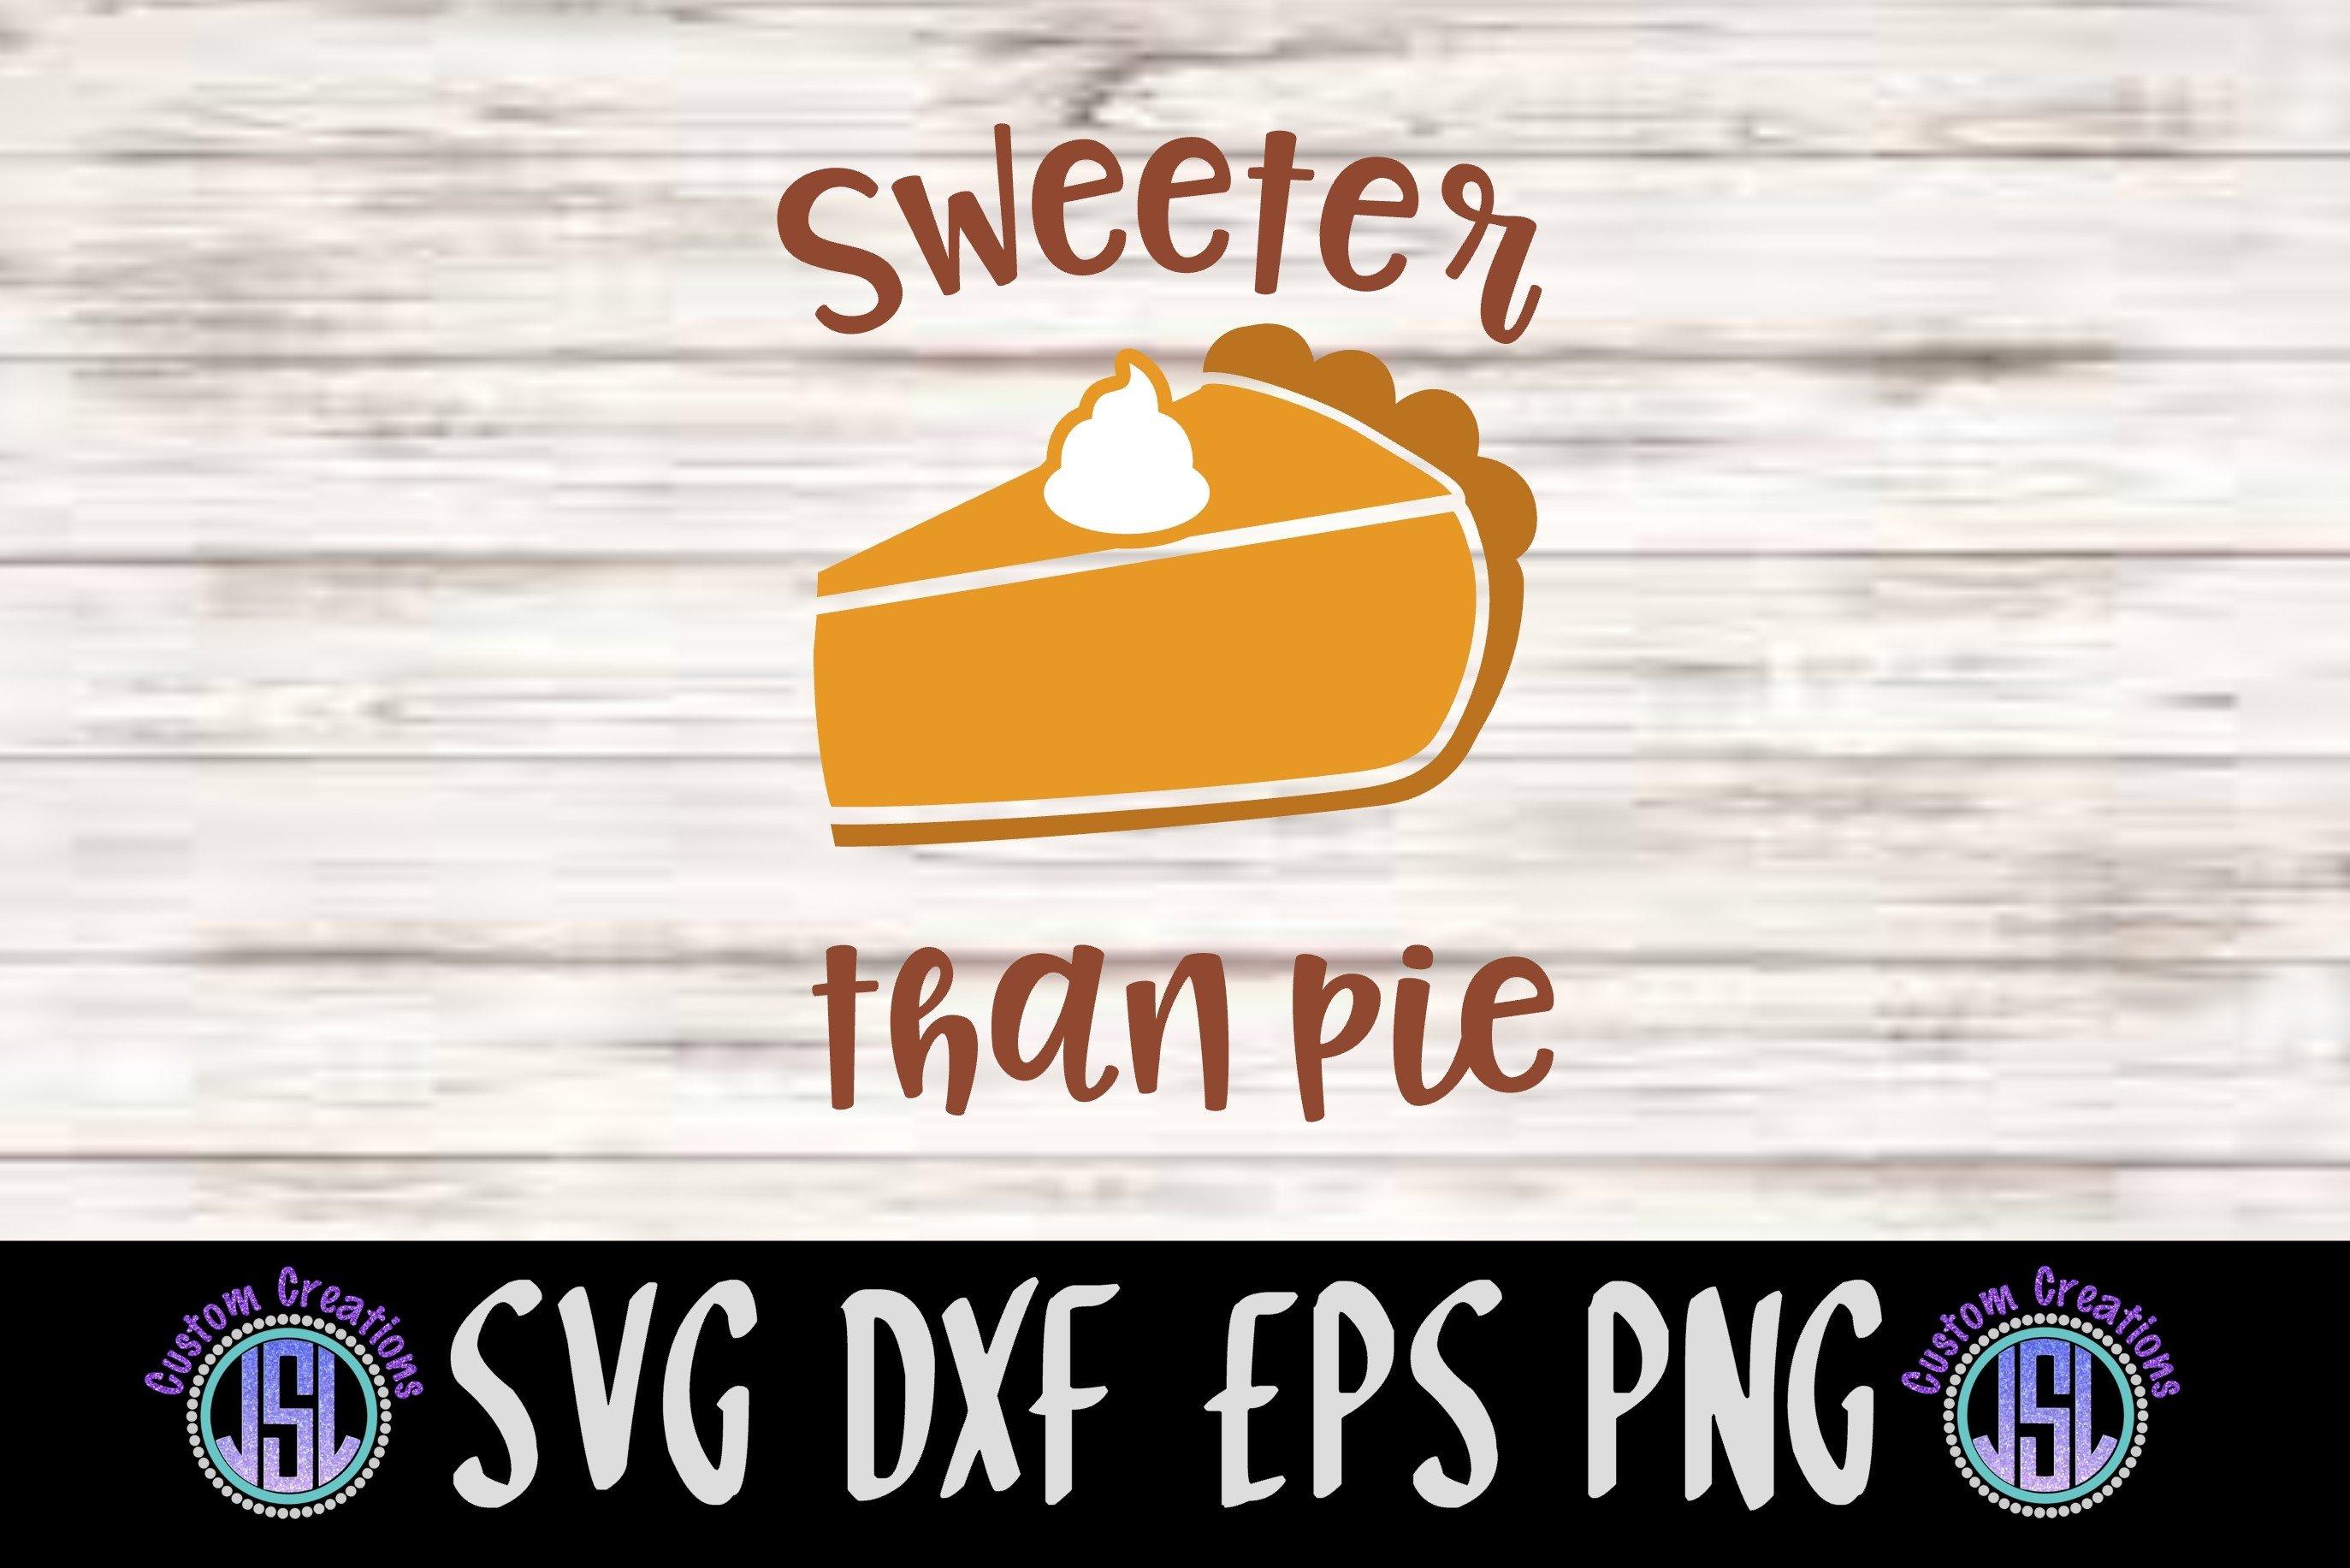 Download Baking Design Set – Svg, Dxf, Eps, Png – Cutting Files Design